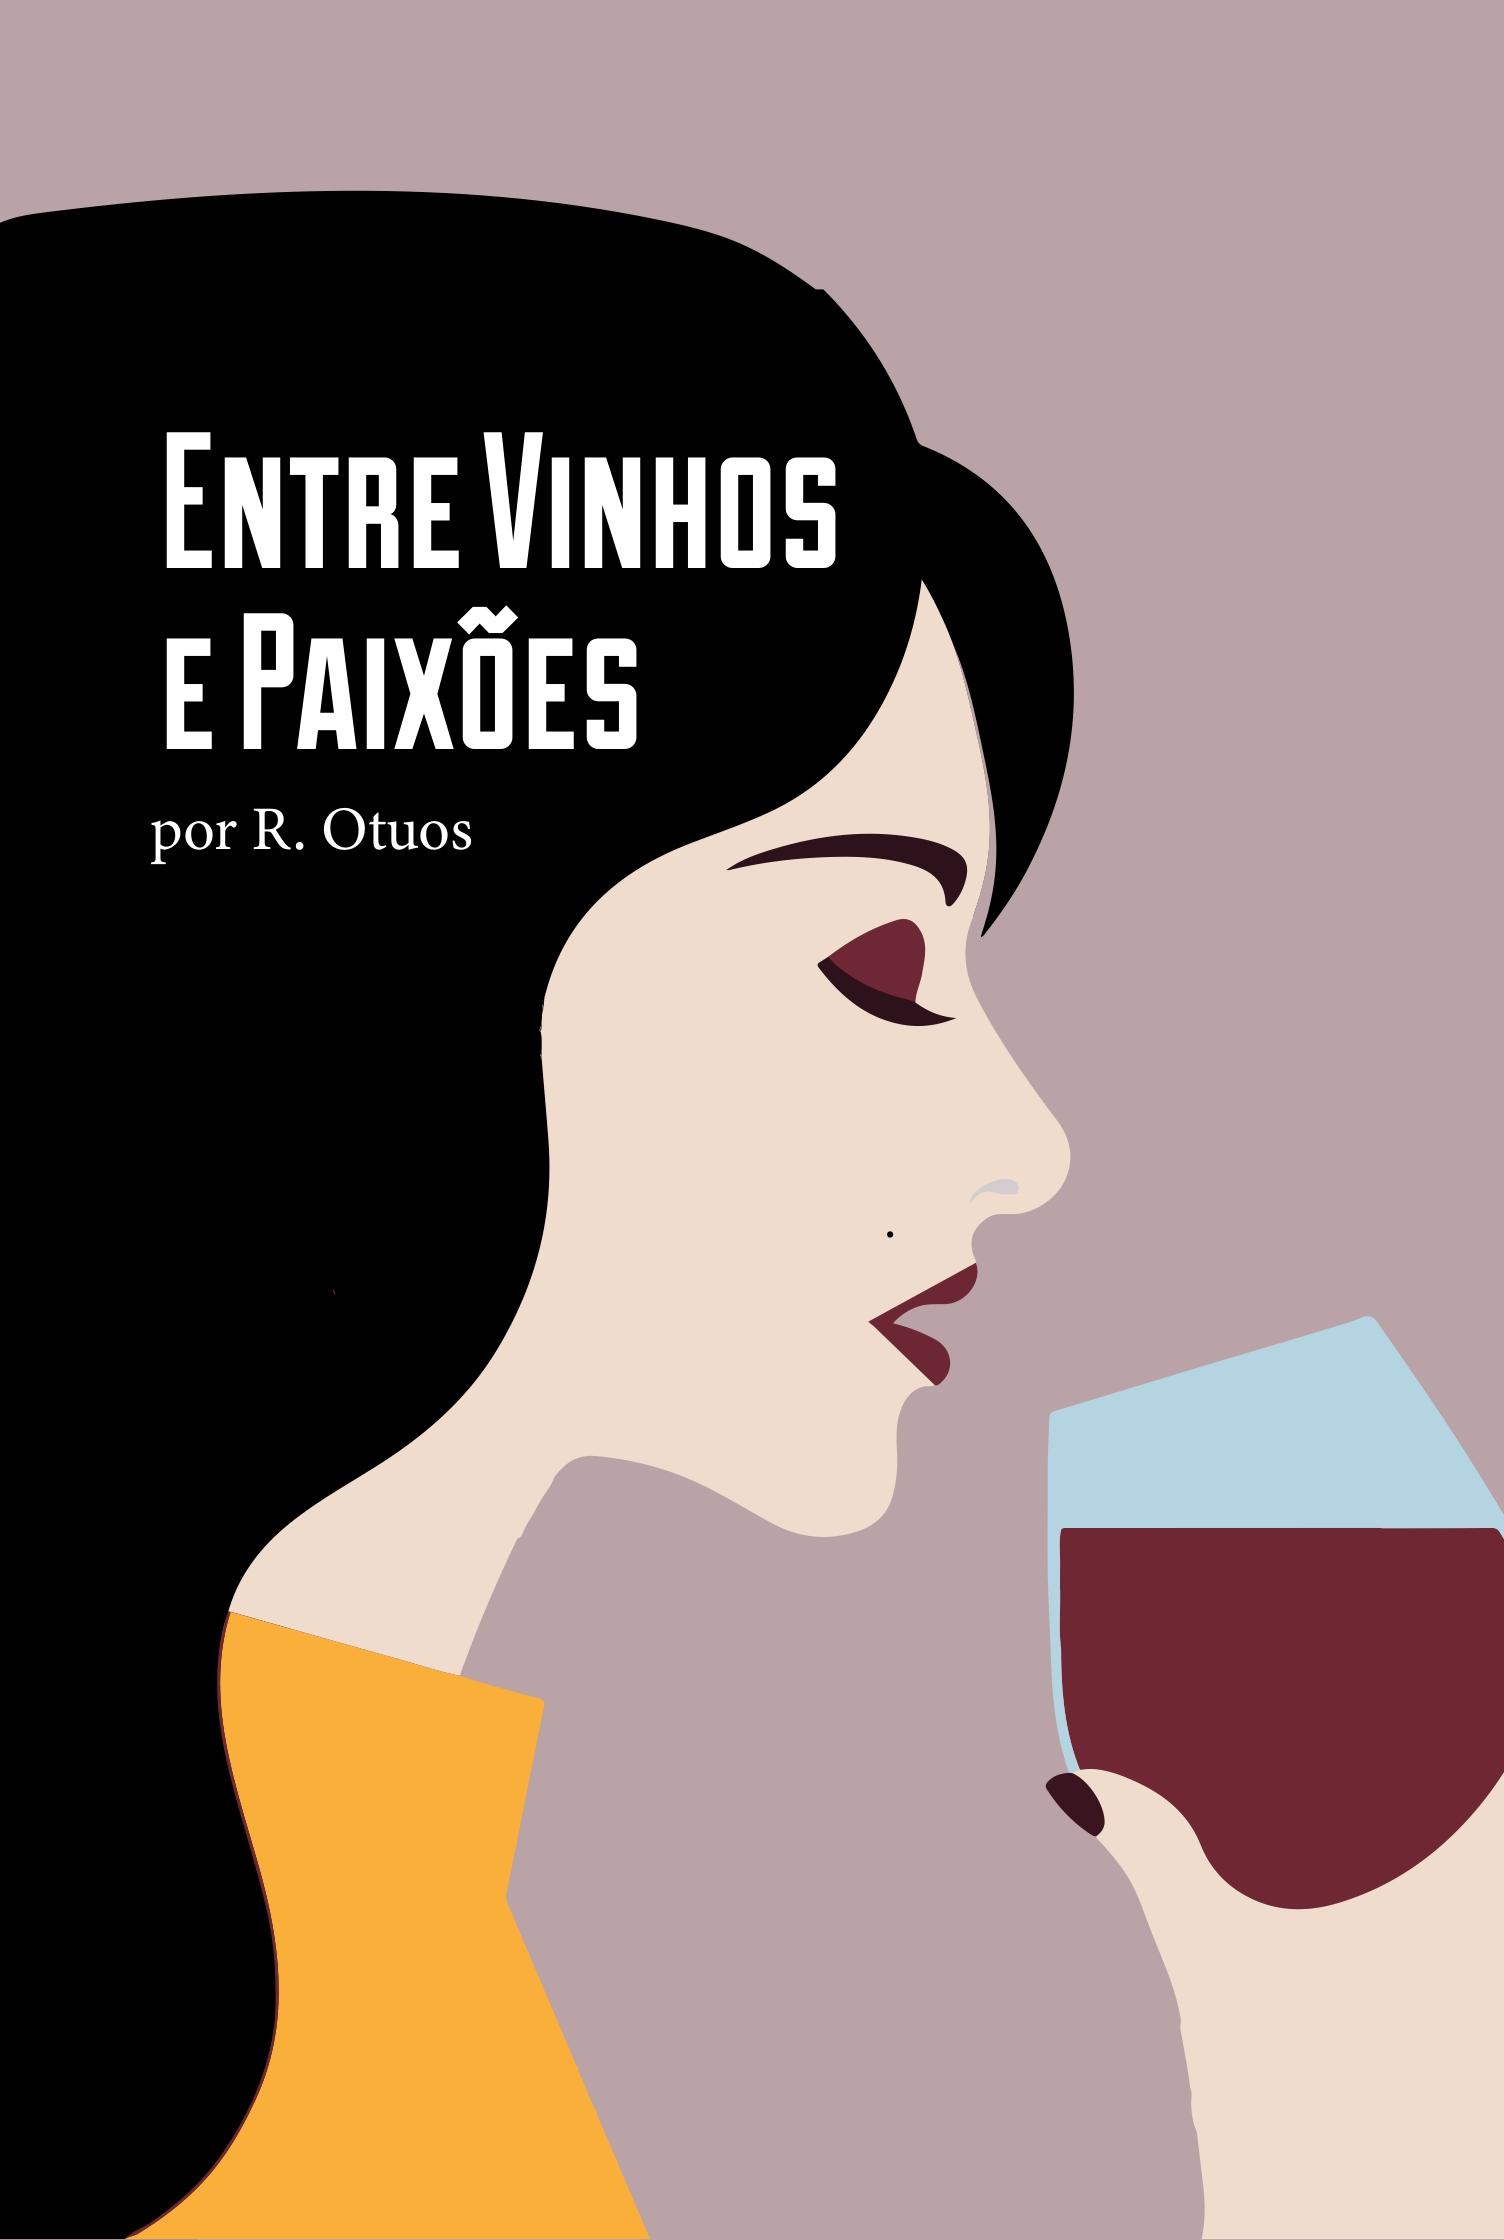 Entre vinhos e paixoes